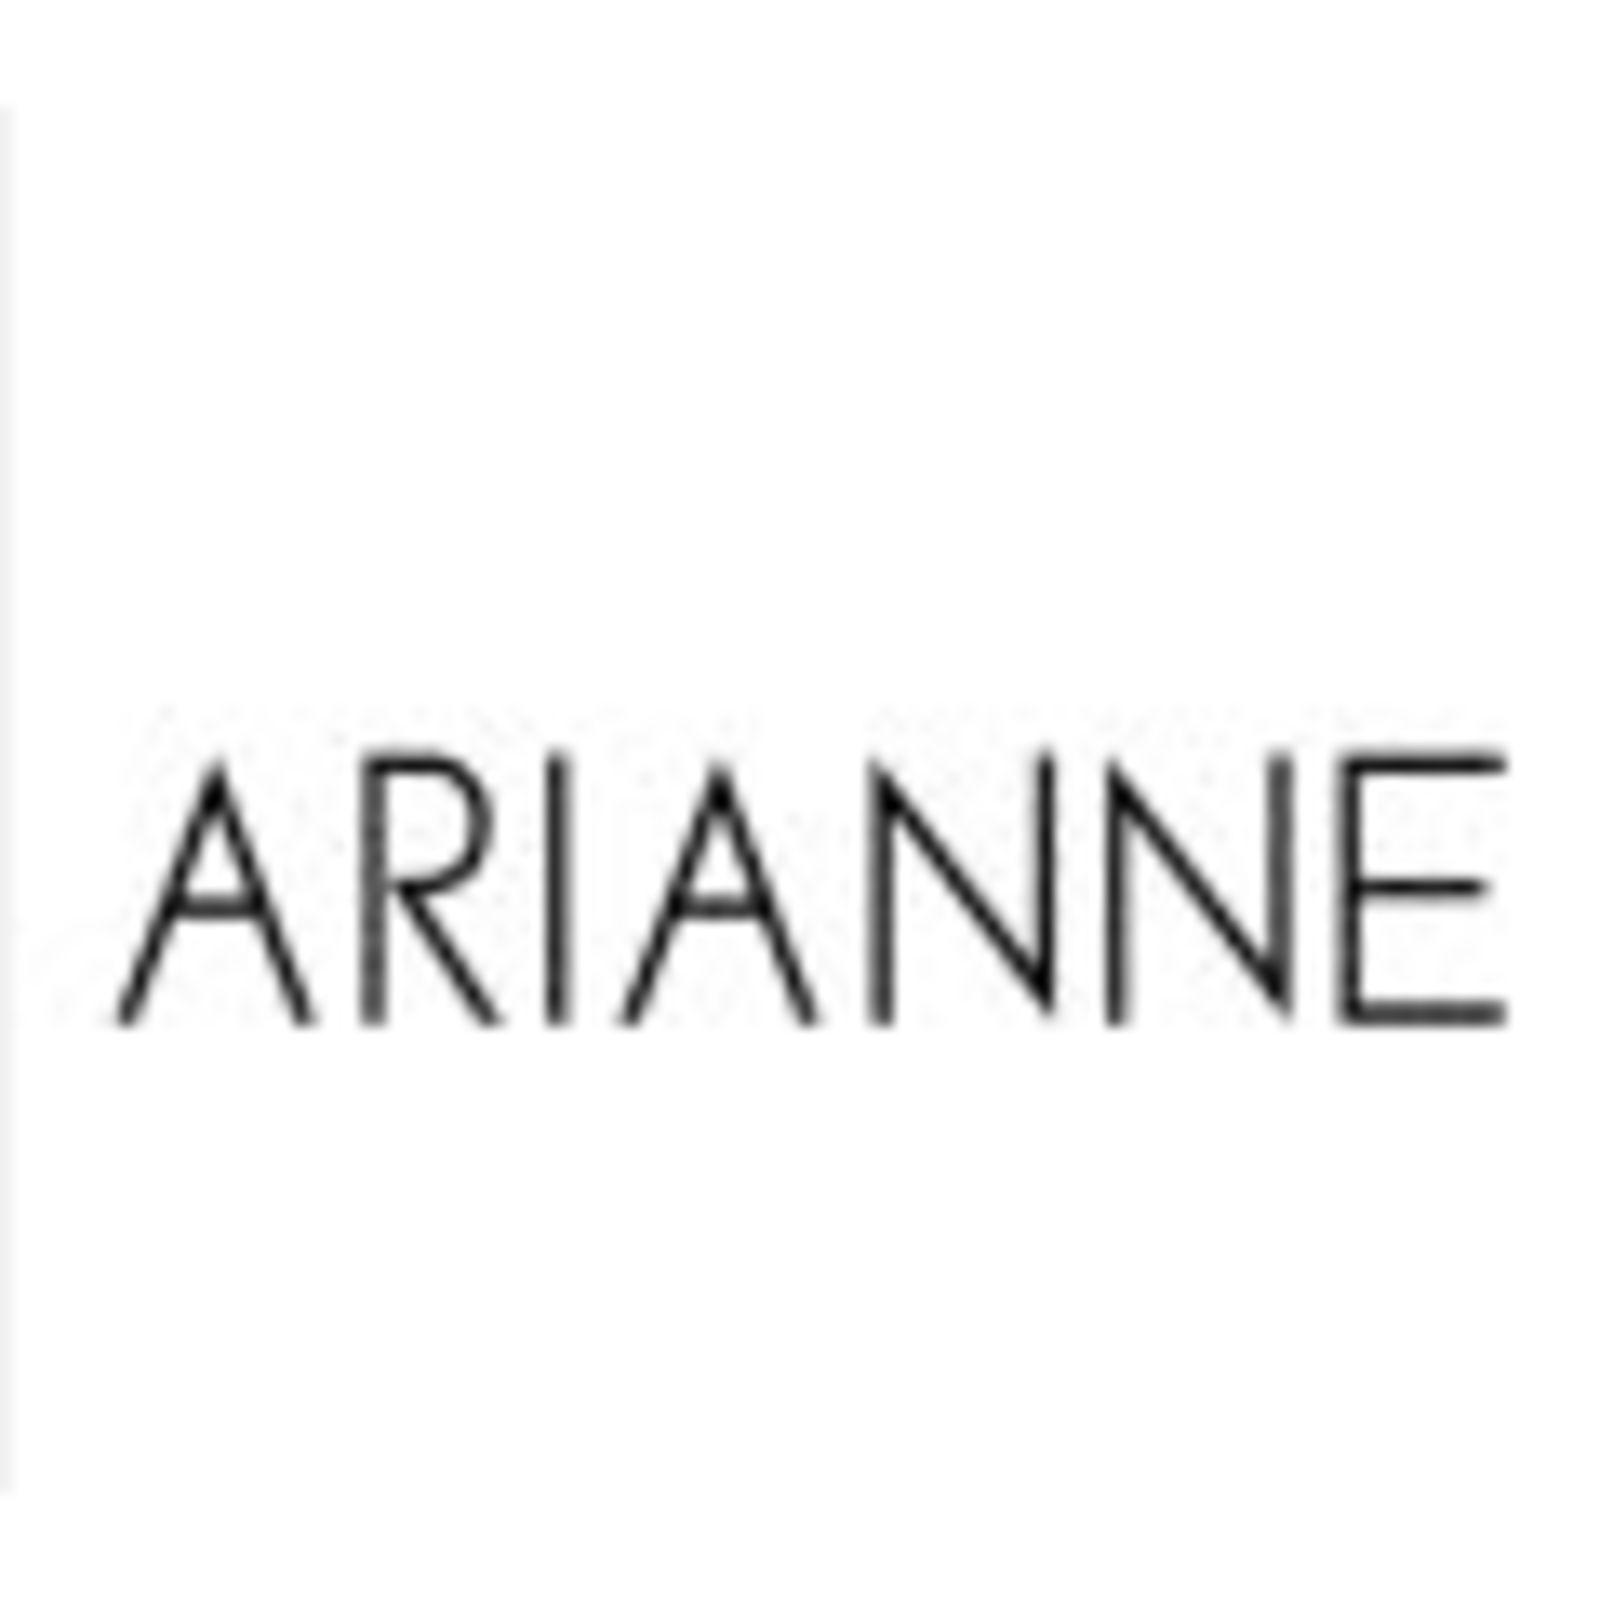 Arianne (Bild 1)